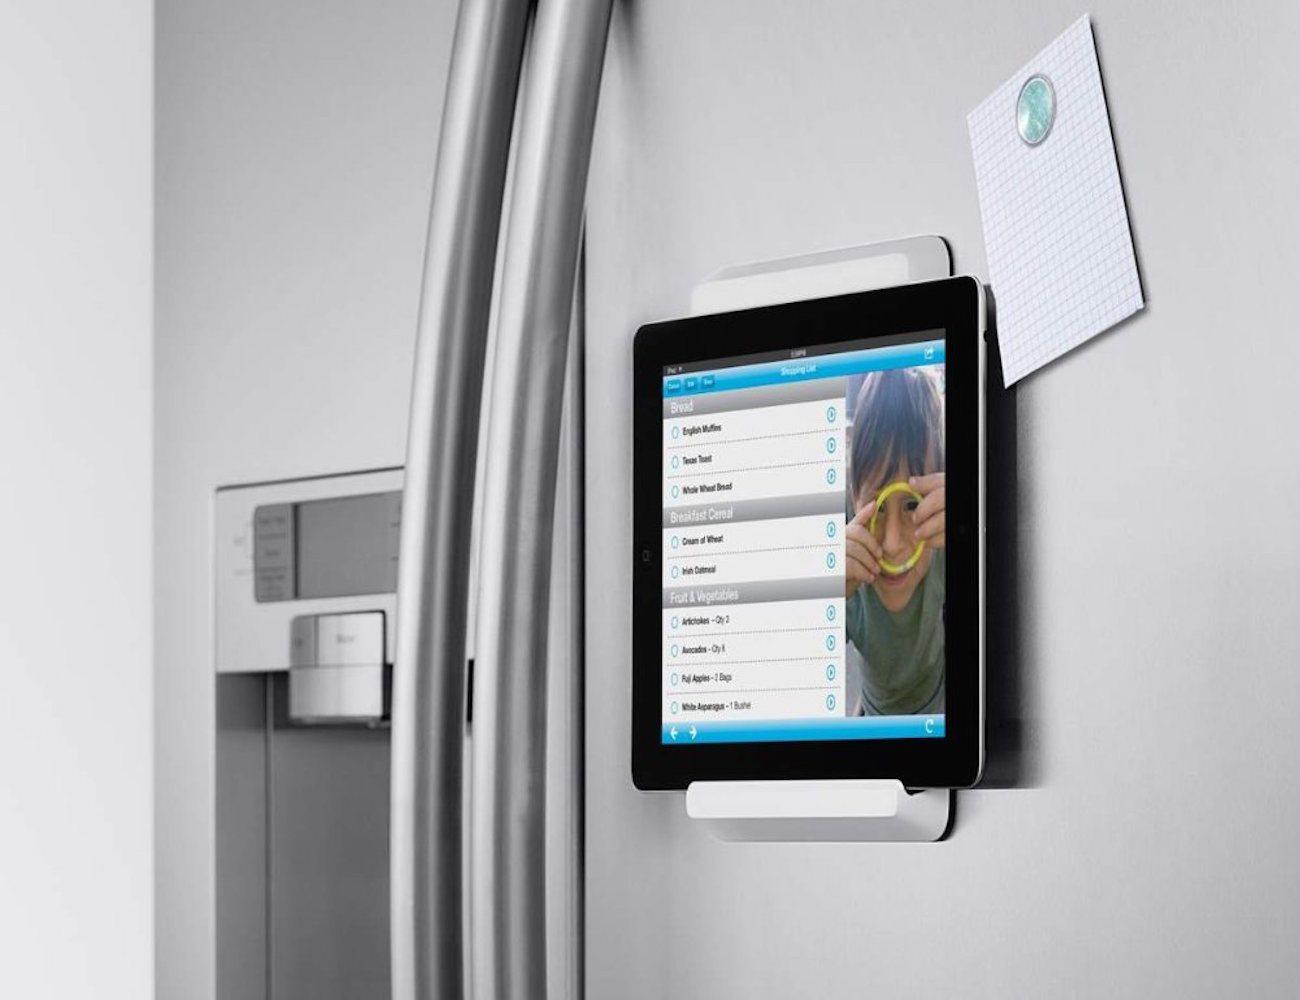 Belkin fridge mount for ipad gadget flow - Porte tablette cuisine ...